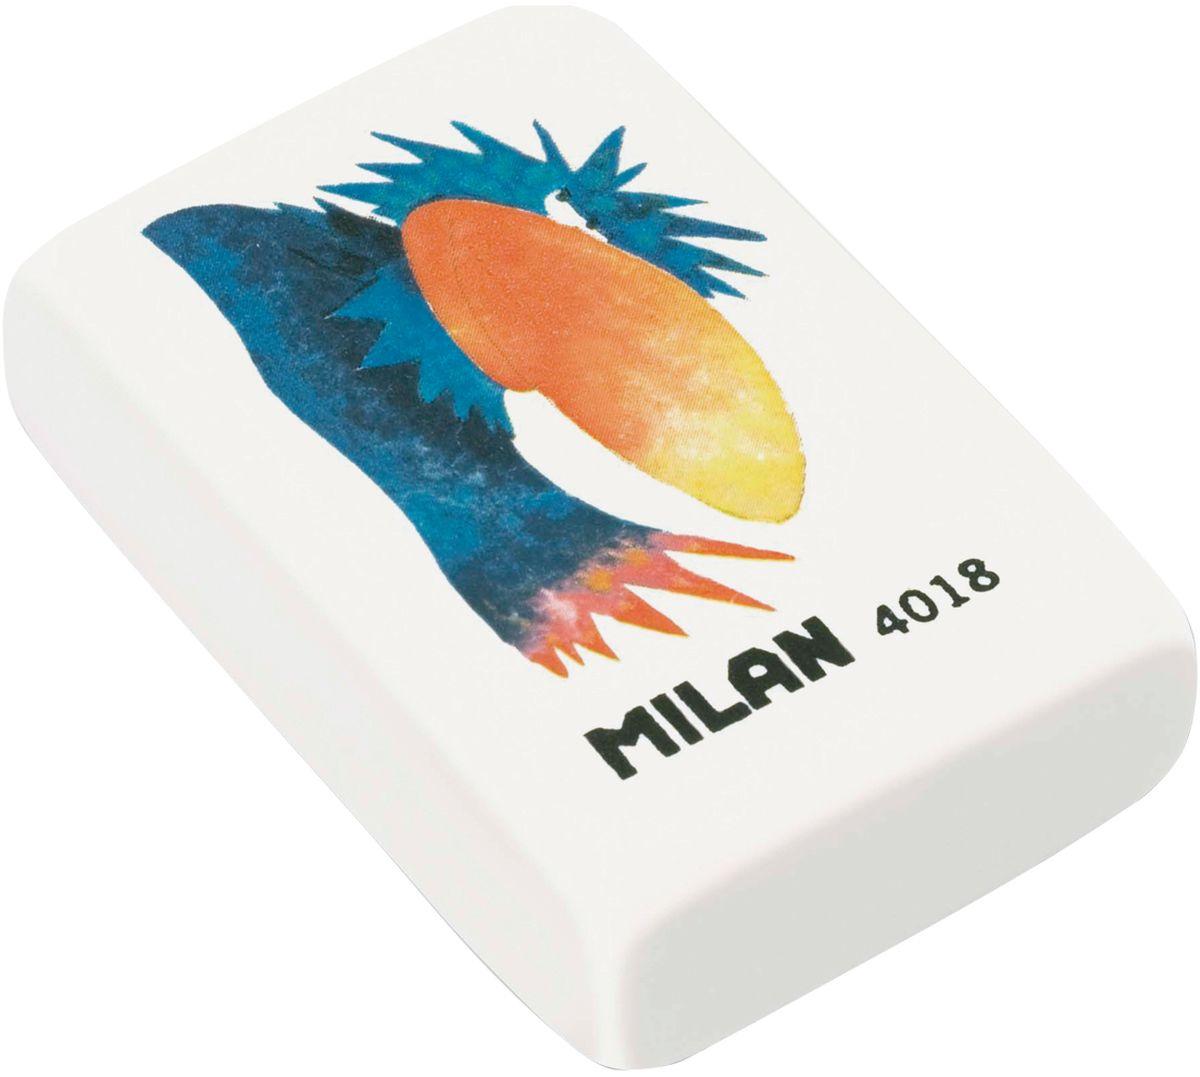 Milan Ластик 4018CMM4018Фирменный дизайн ластика от Milan в классической форме с изображением веселых анимационных персонажей. Великолепное абсорбирующее свойства, бережное отношение к поверхности бумаги.Уважаемые клиенты! Обращаем ваше внимание, что картинки на товаре могут изменяться в зависимости от поступления на склад.